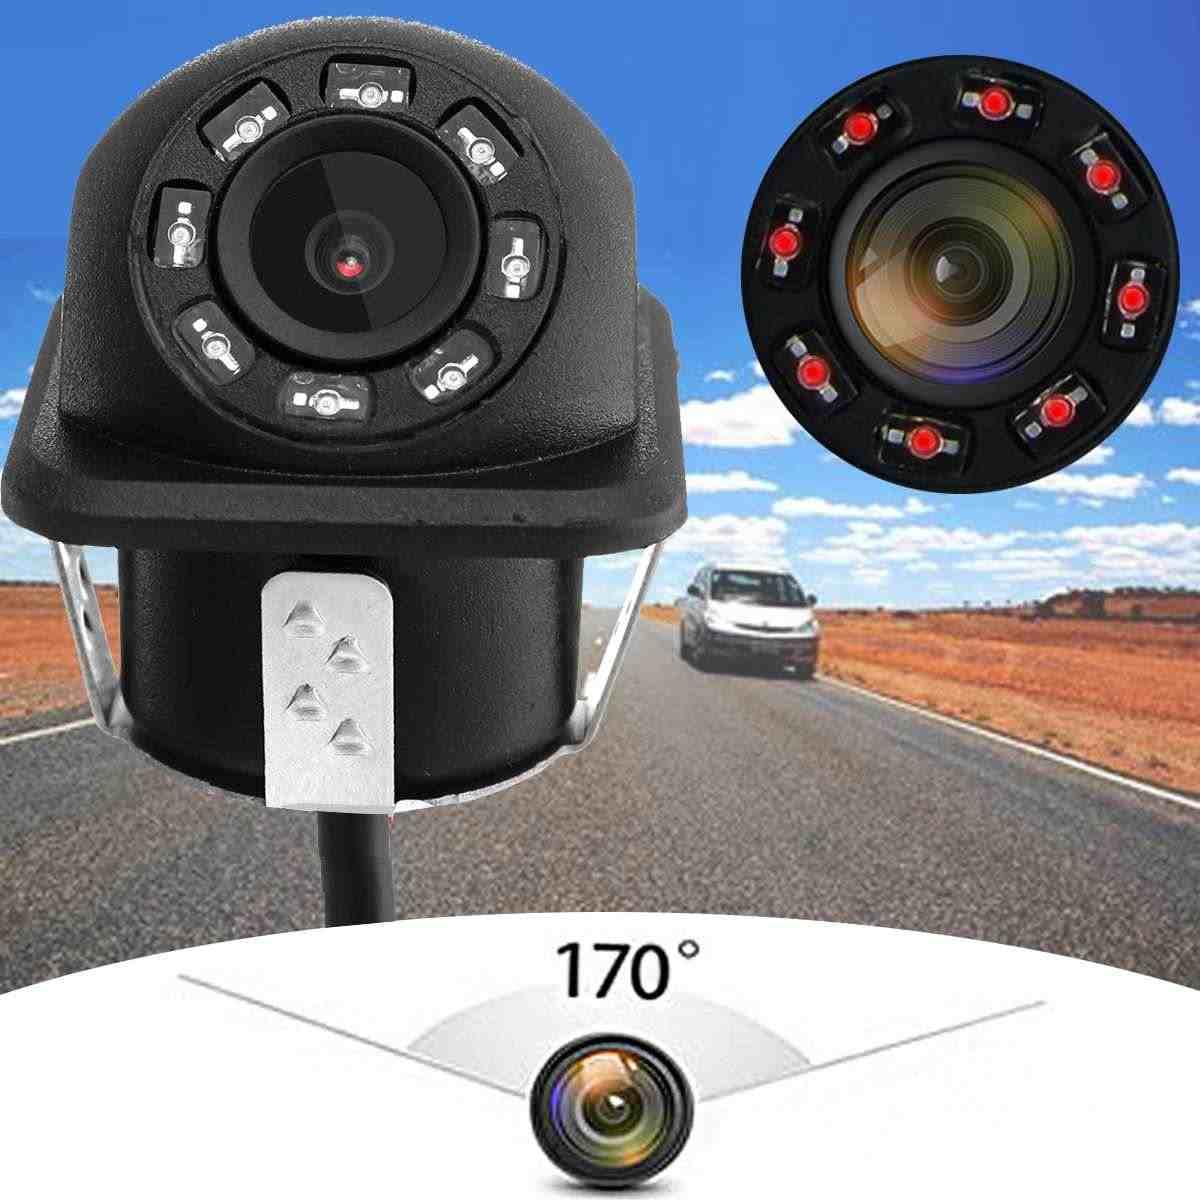 Cámara de marcha atrás Universal 170 grados gran angular visión nocturna cámara de visión trasera de coche impermeable 8 LED IR luz cámara de aparcamiento